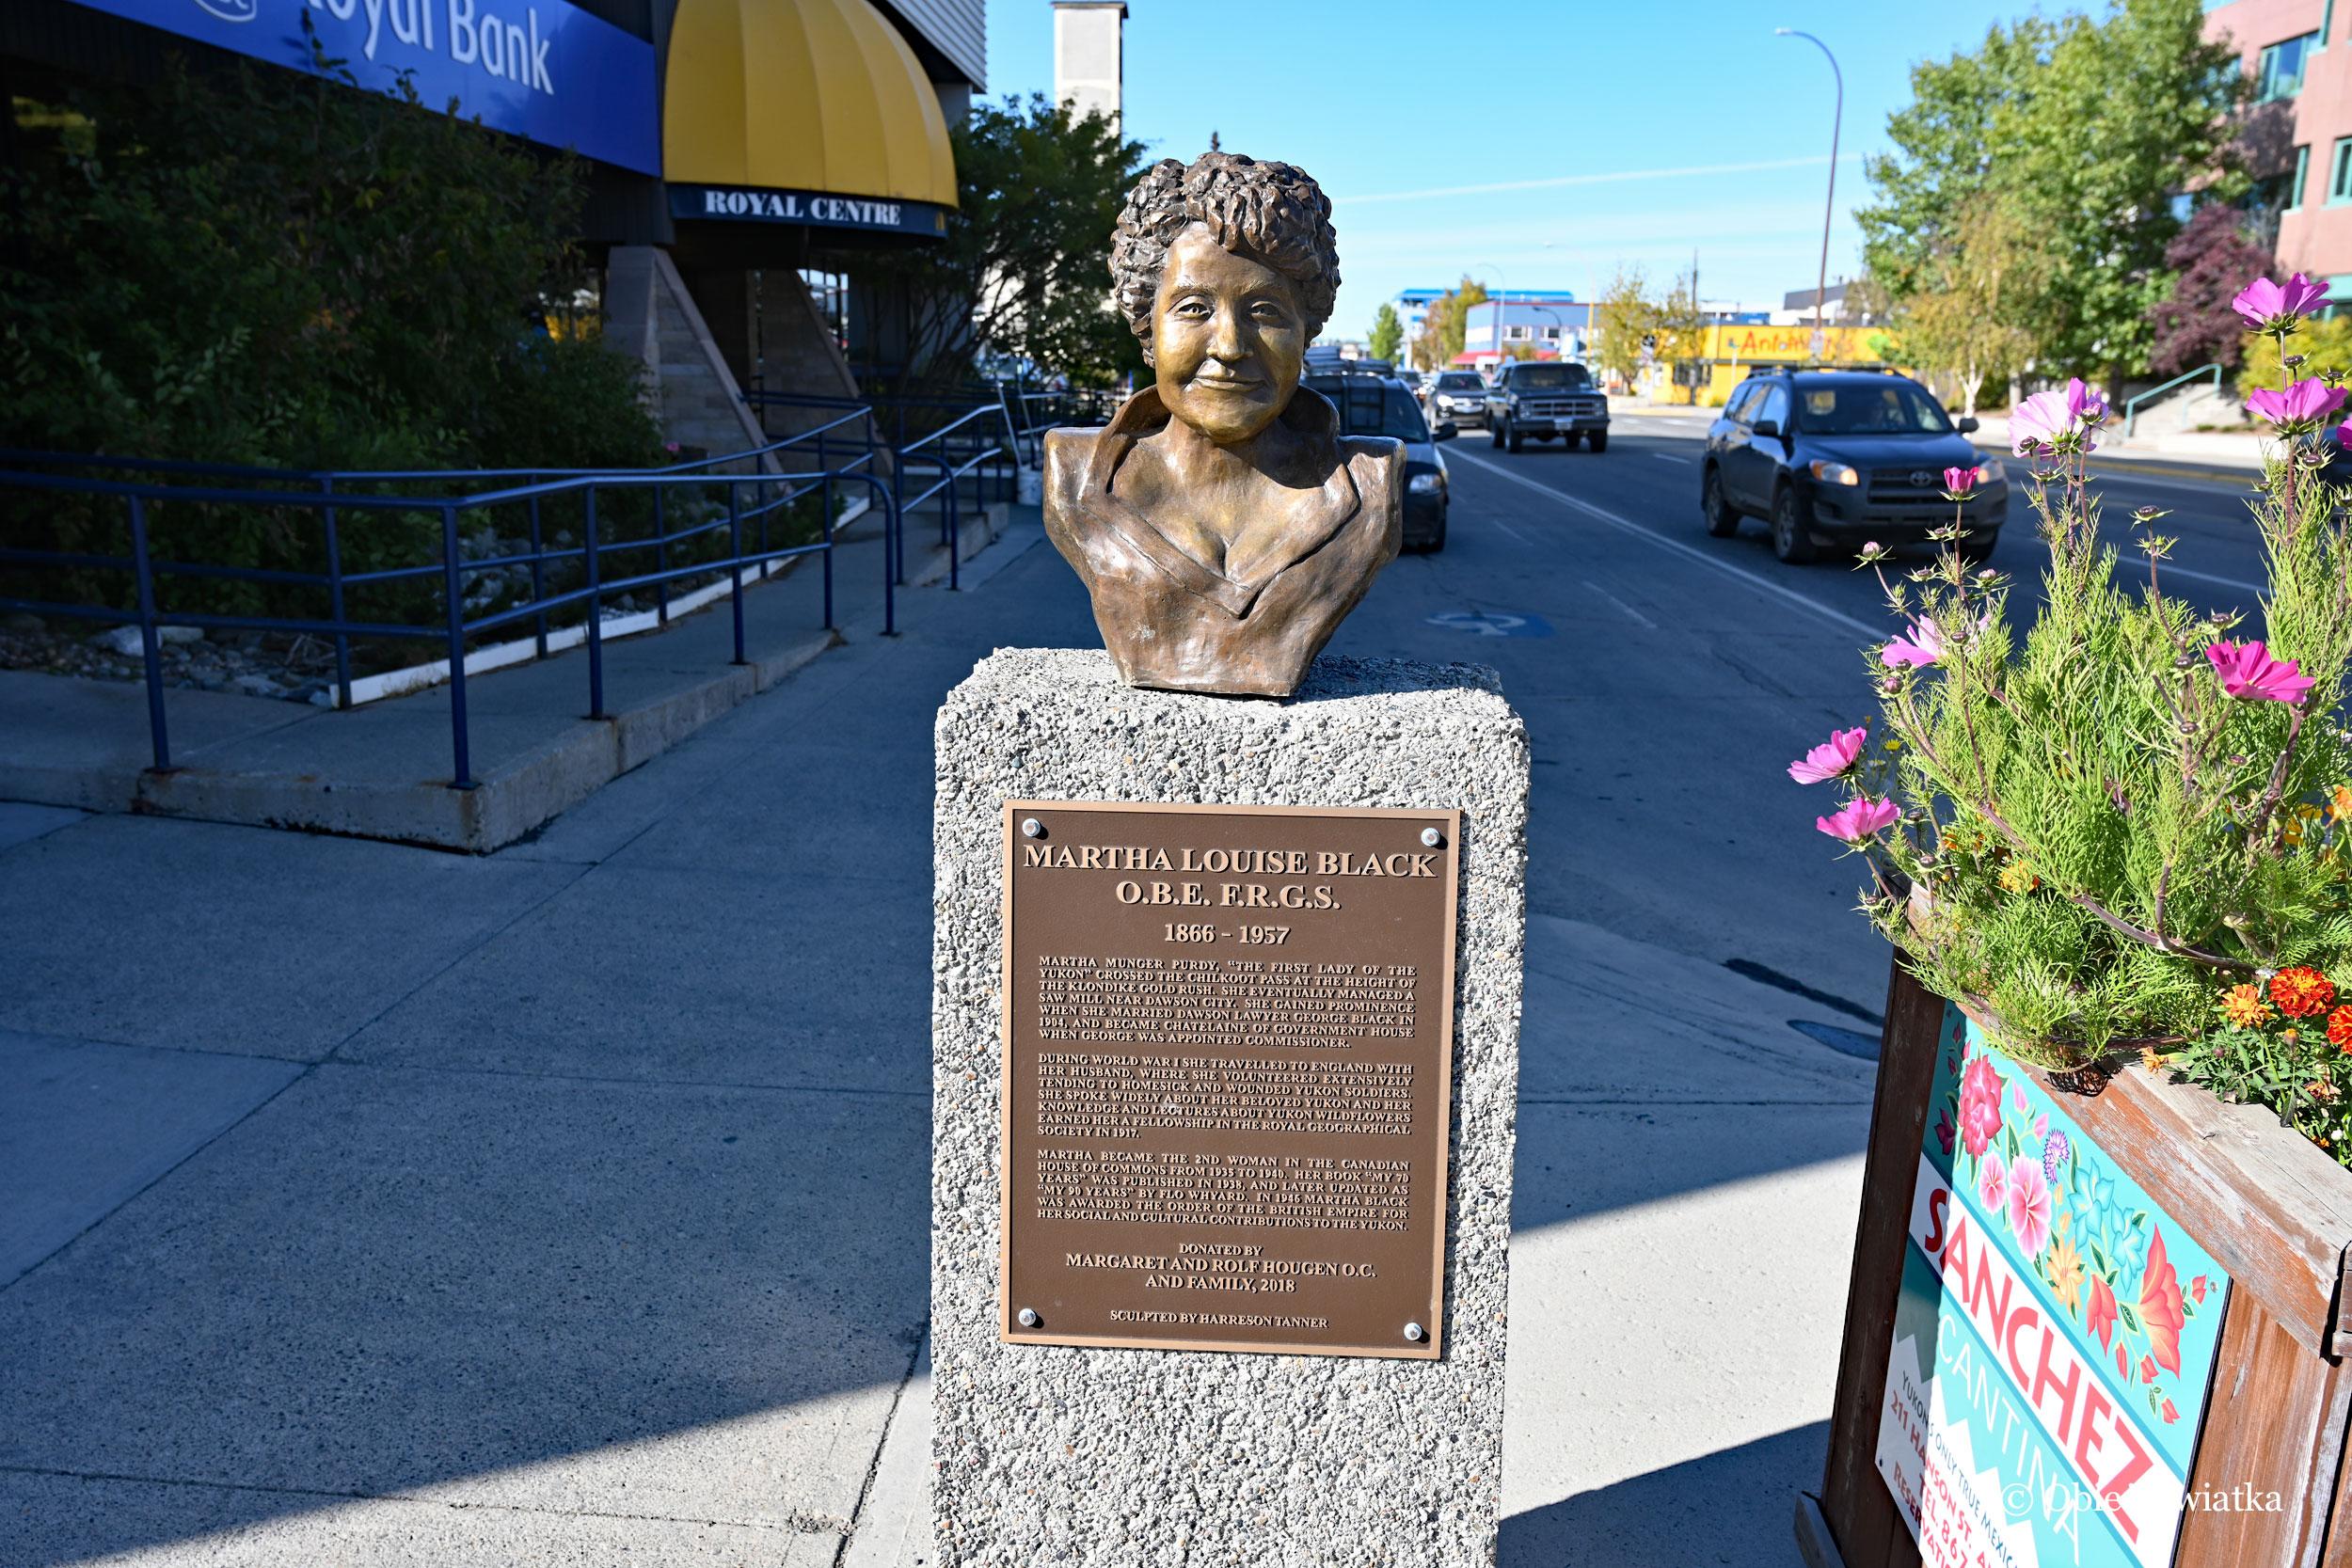 Pomnik Marthy Louise Black, która była politykiem w Yukonie i drugą kobietą wybraną do kanadyjskiej Izby Gmin, Whitehorse